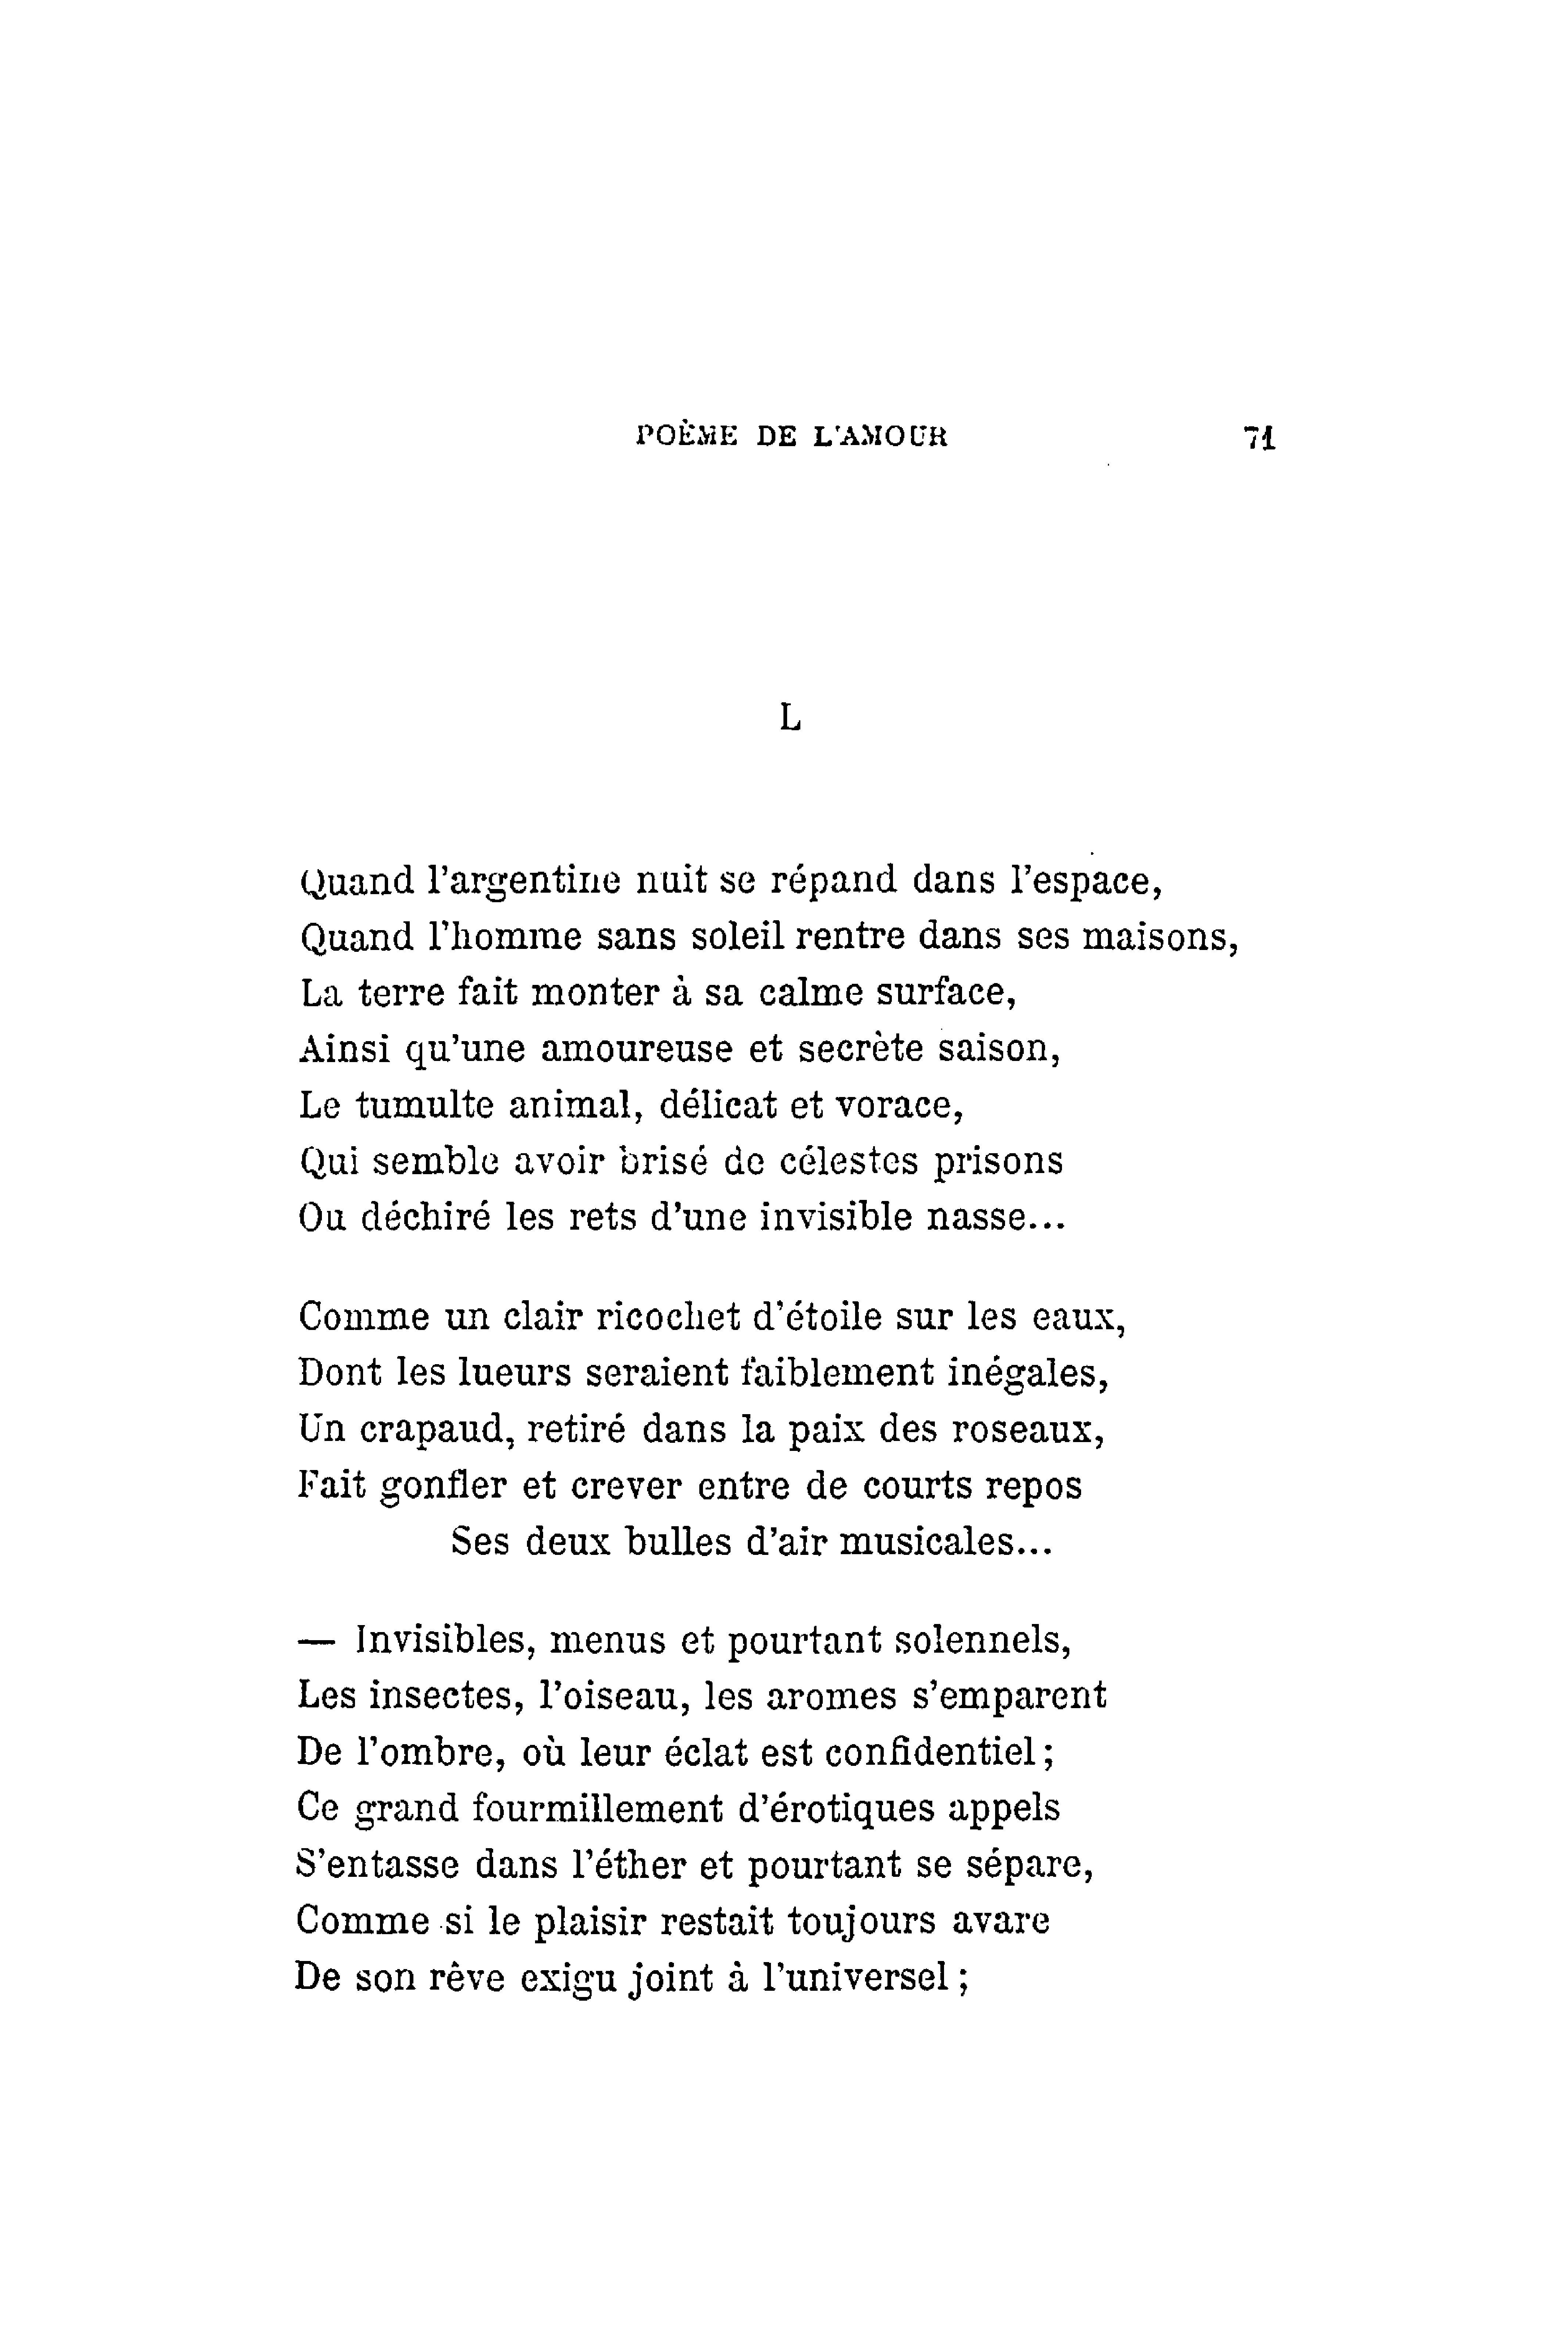 Pagenoailles Poème De Lamour 1924djvu69 Wikisource